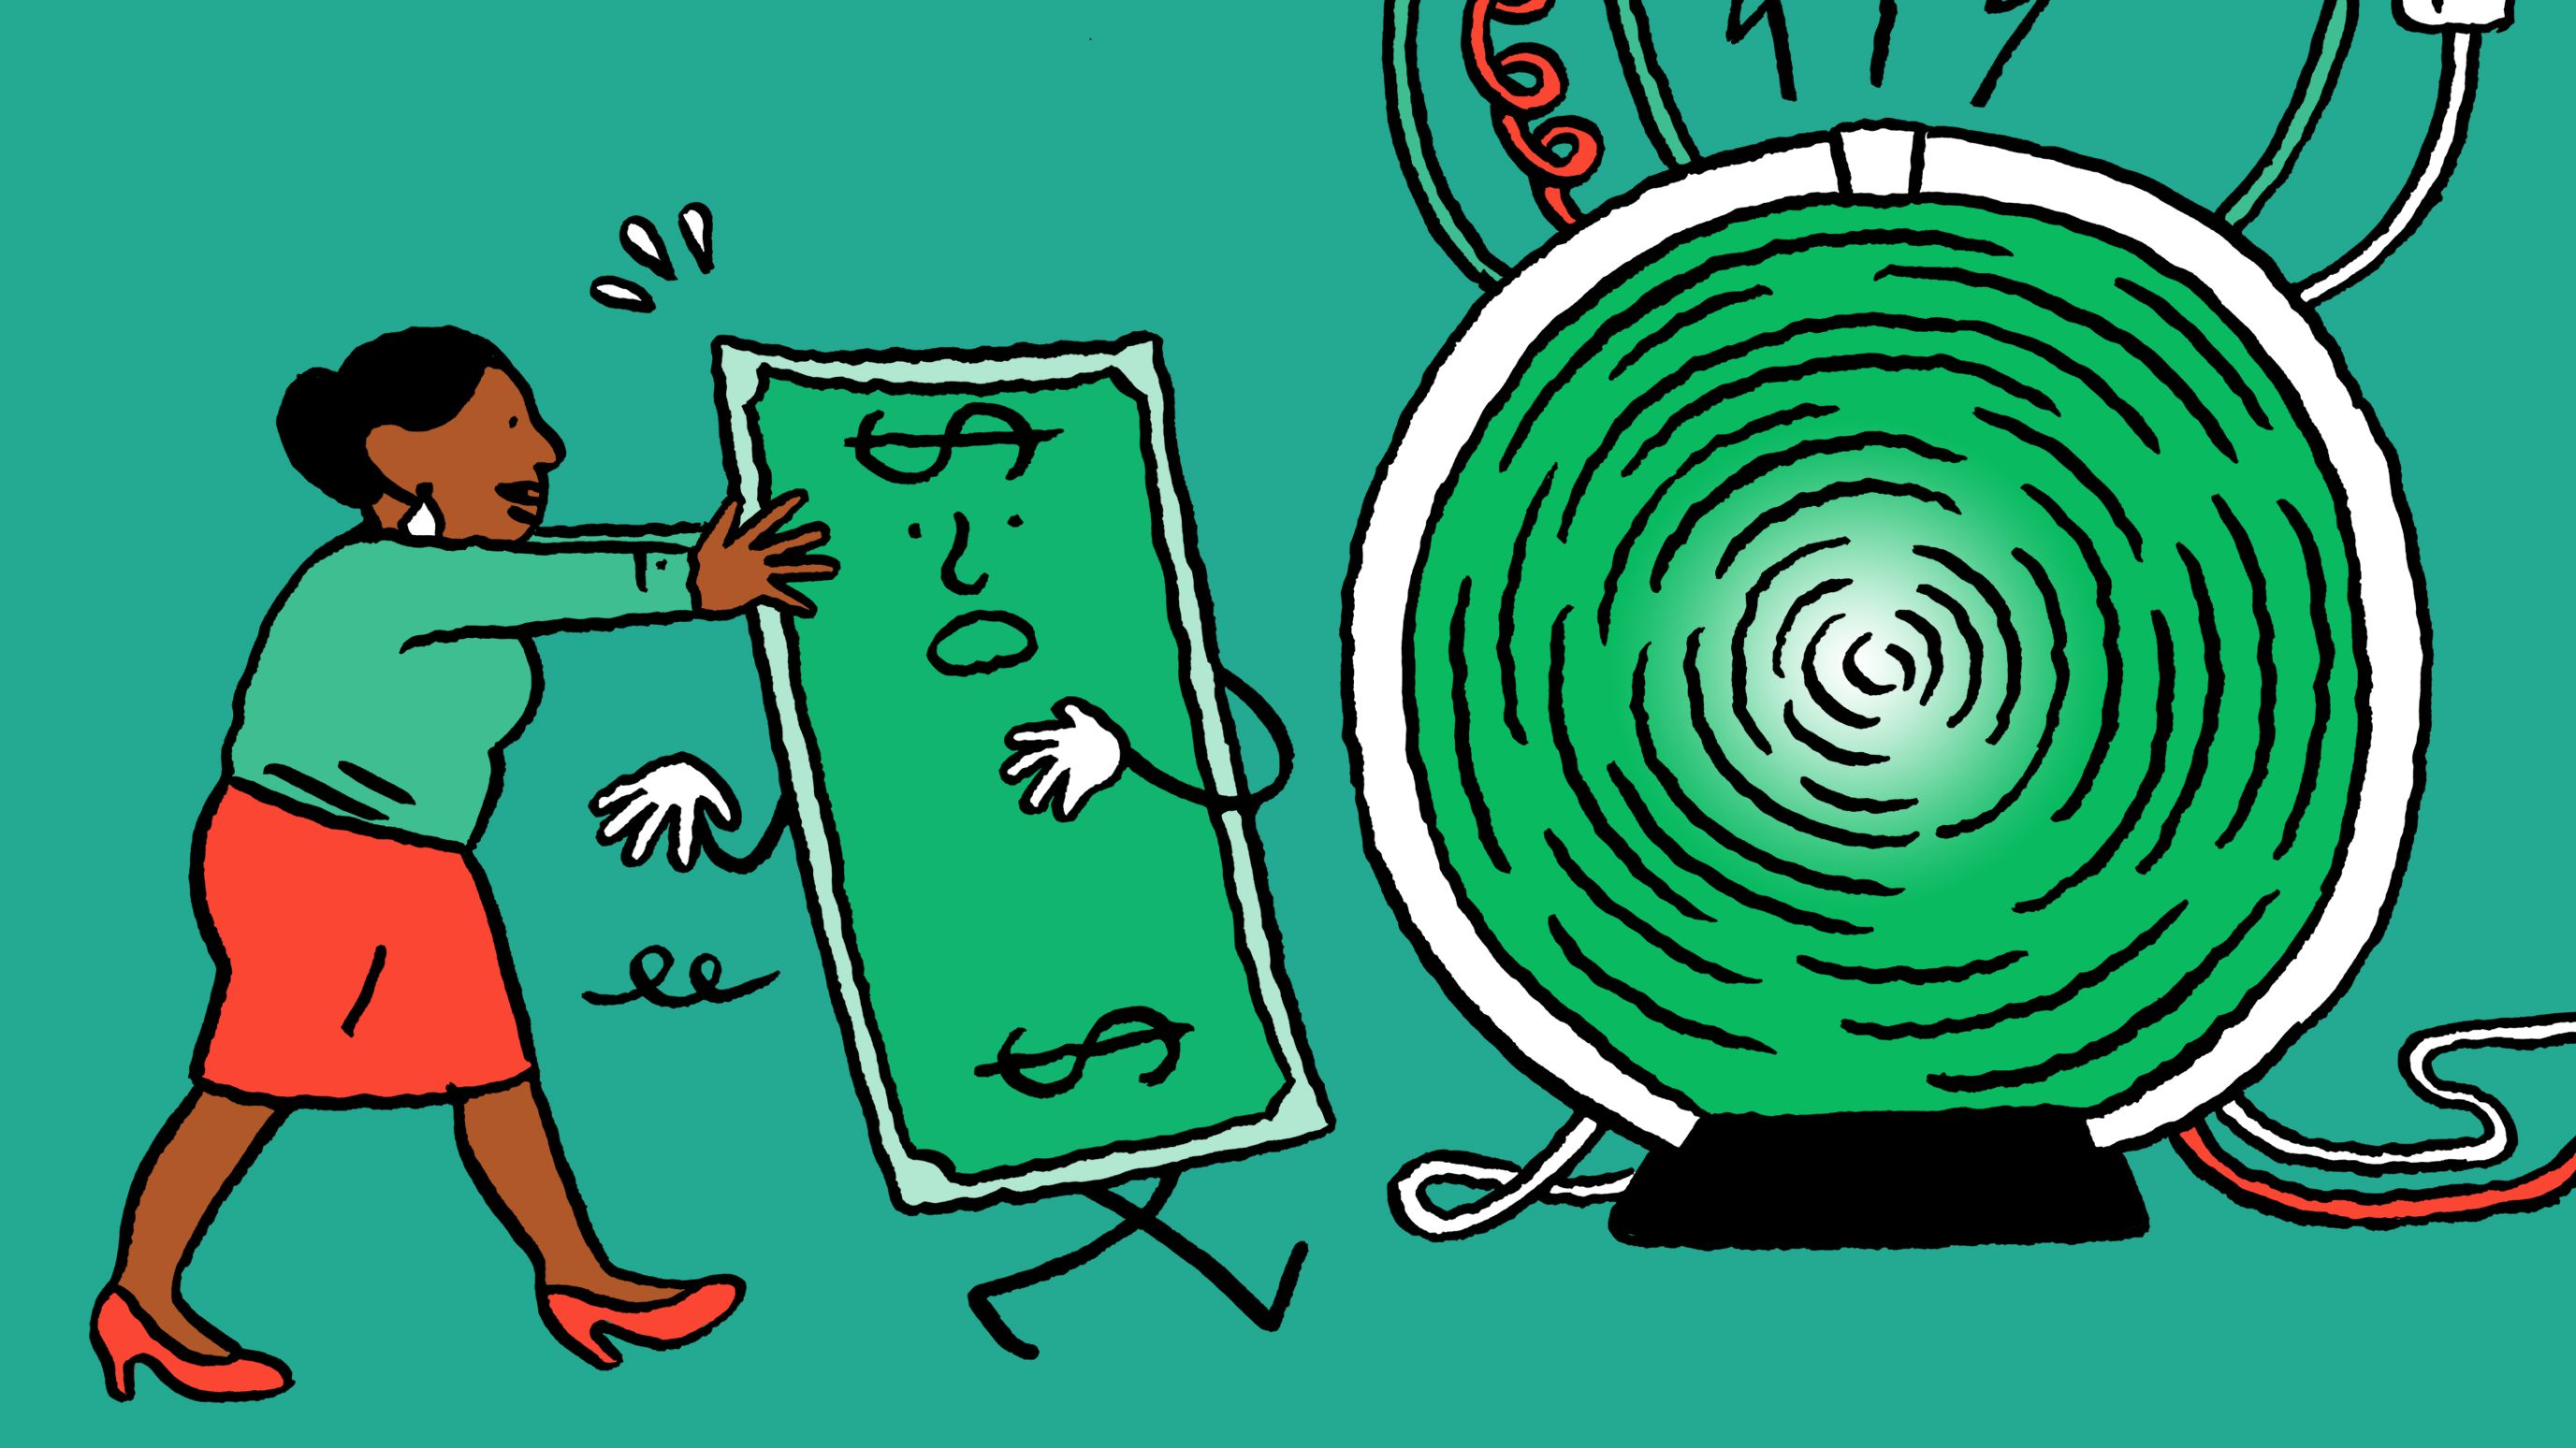 消えゆく現金、 暗号通貨に置き換わるか